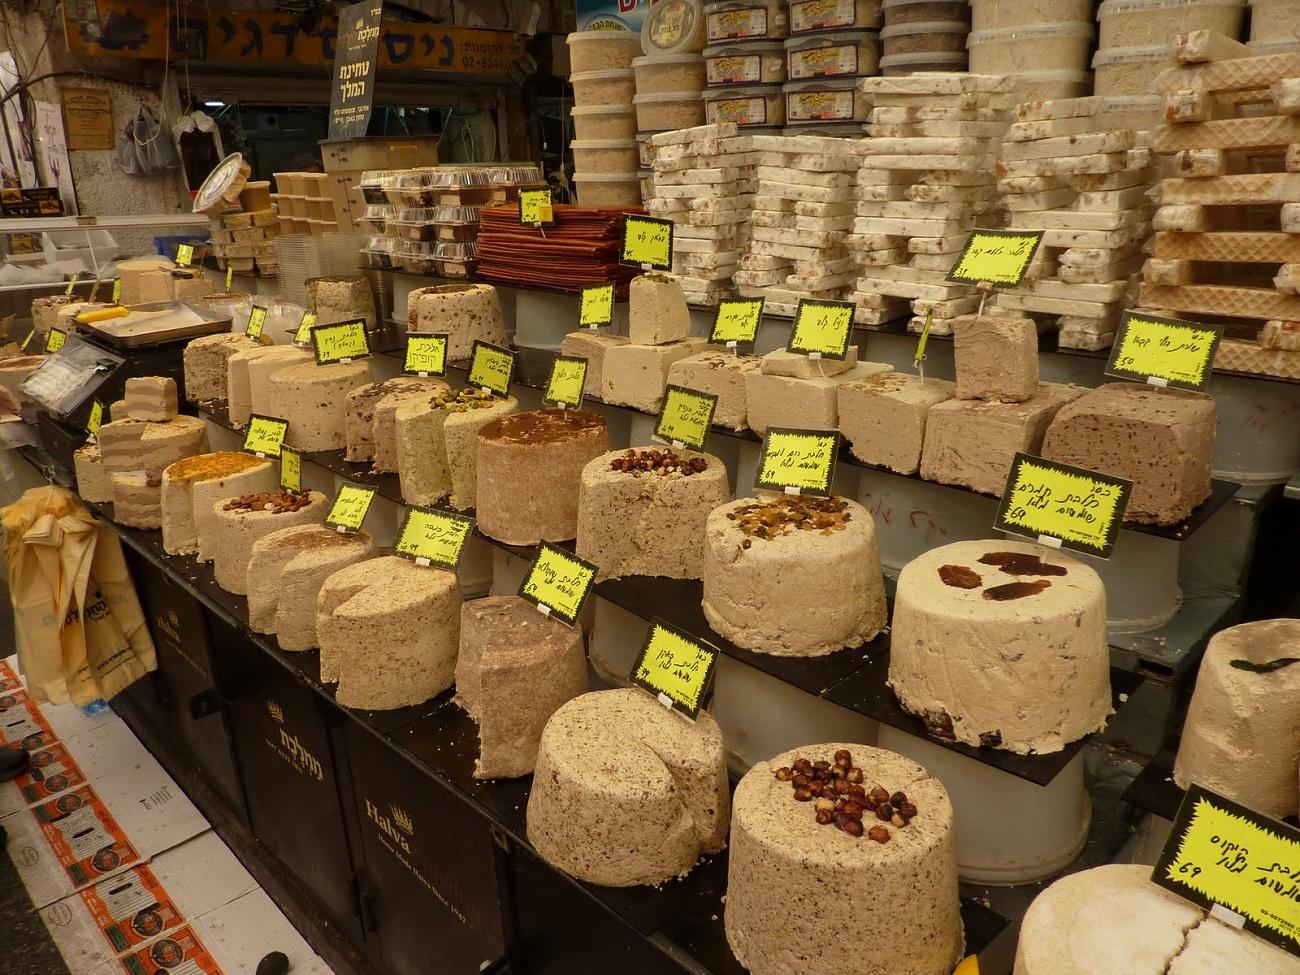 Specialităţi tradiţionale expuse de către comercianţi în Piaţa Mahane Yehuda, Ierusalim2